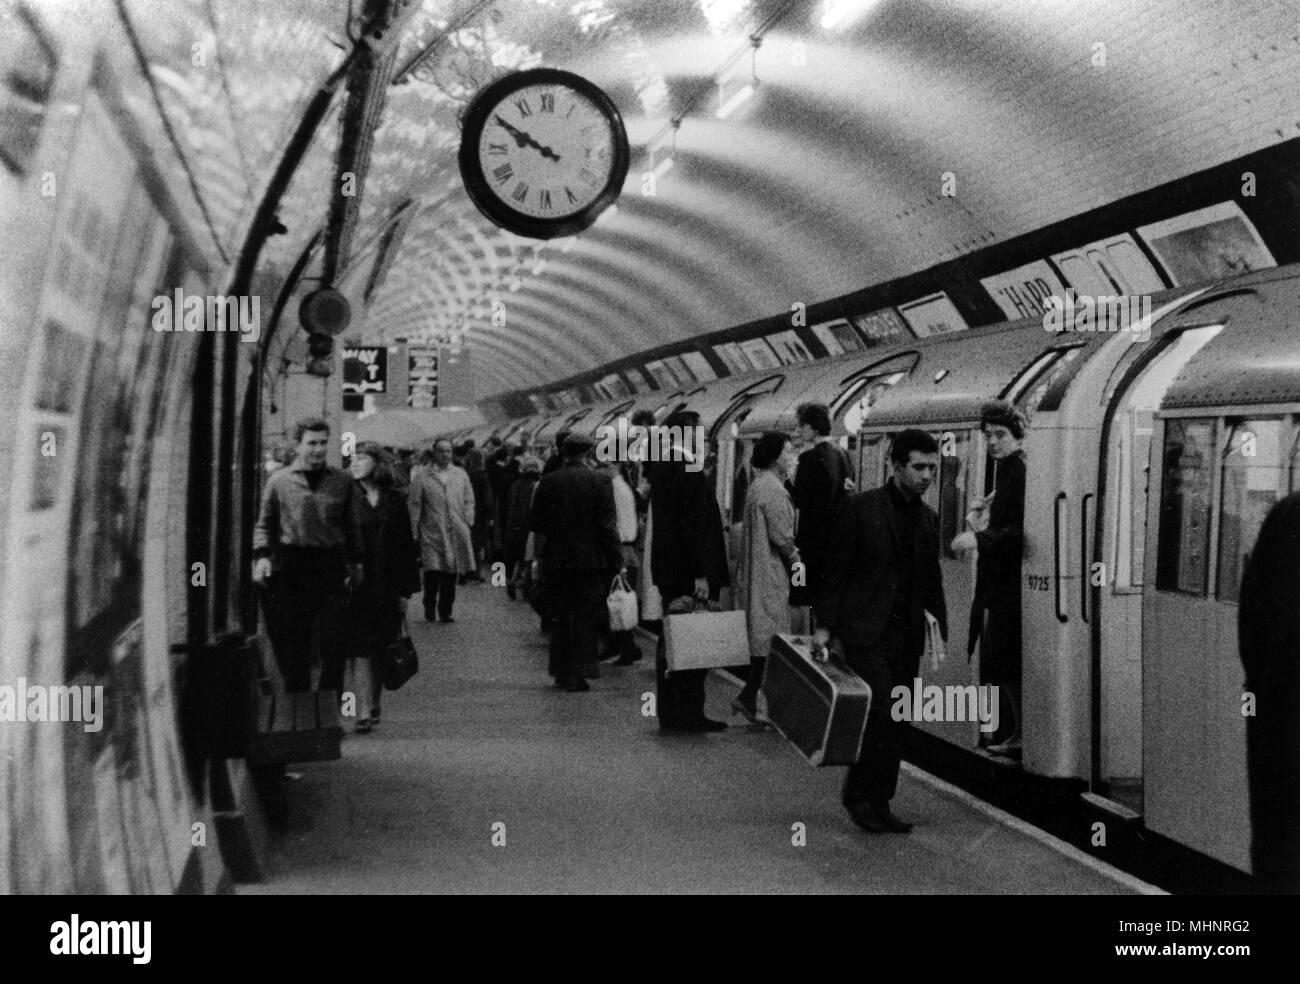 Lontoo underground dating